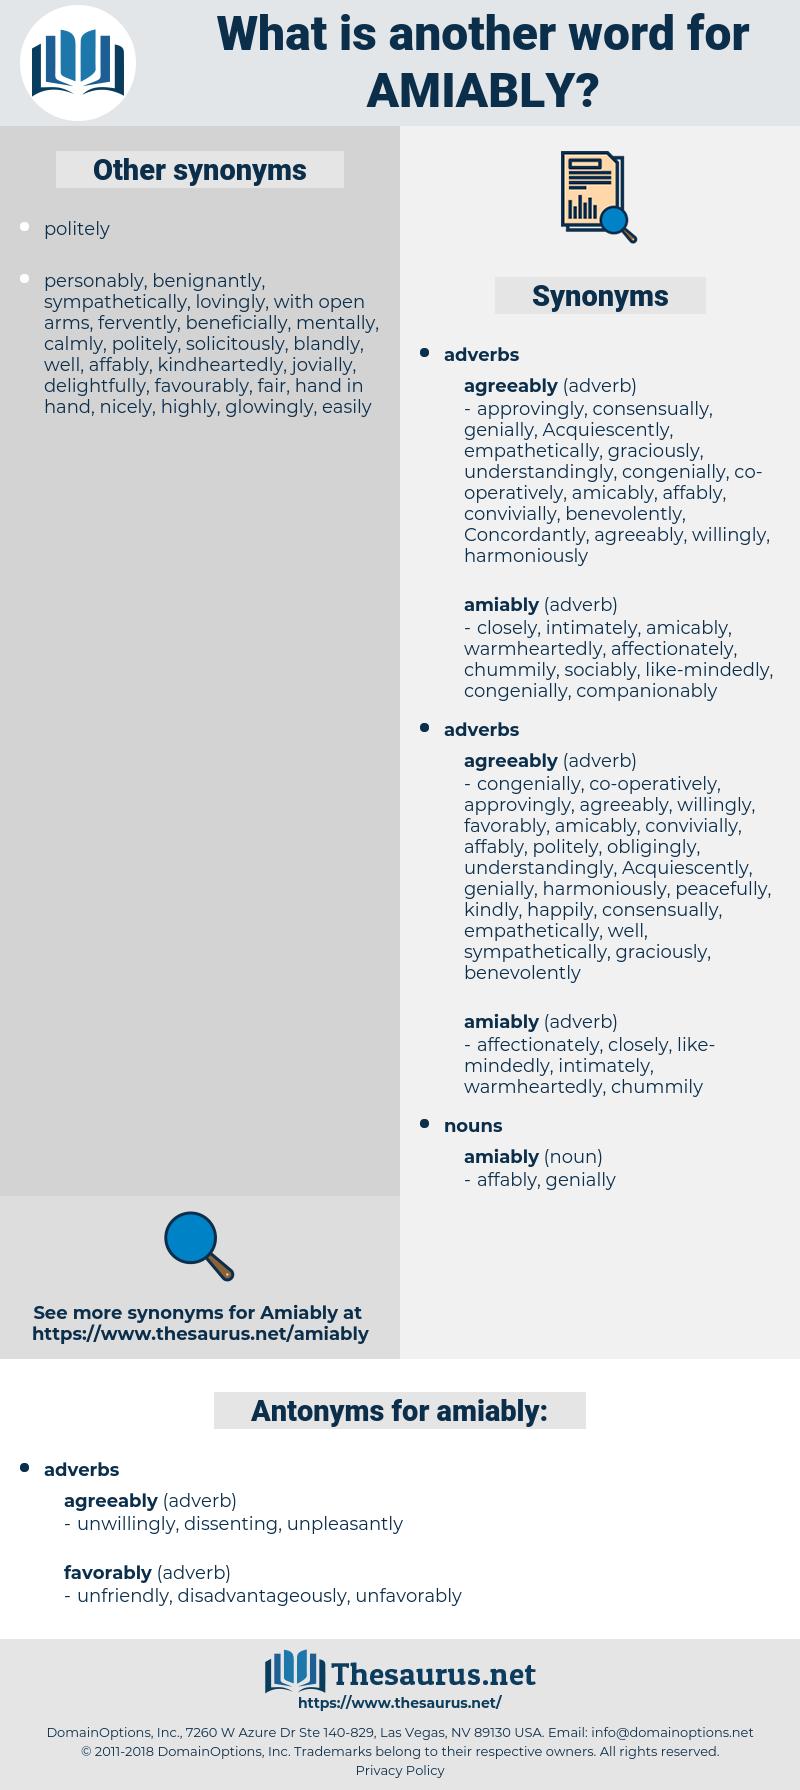 amiably, synonym amiably, another word for amiably, words like amiably, thesaurus amiably